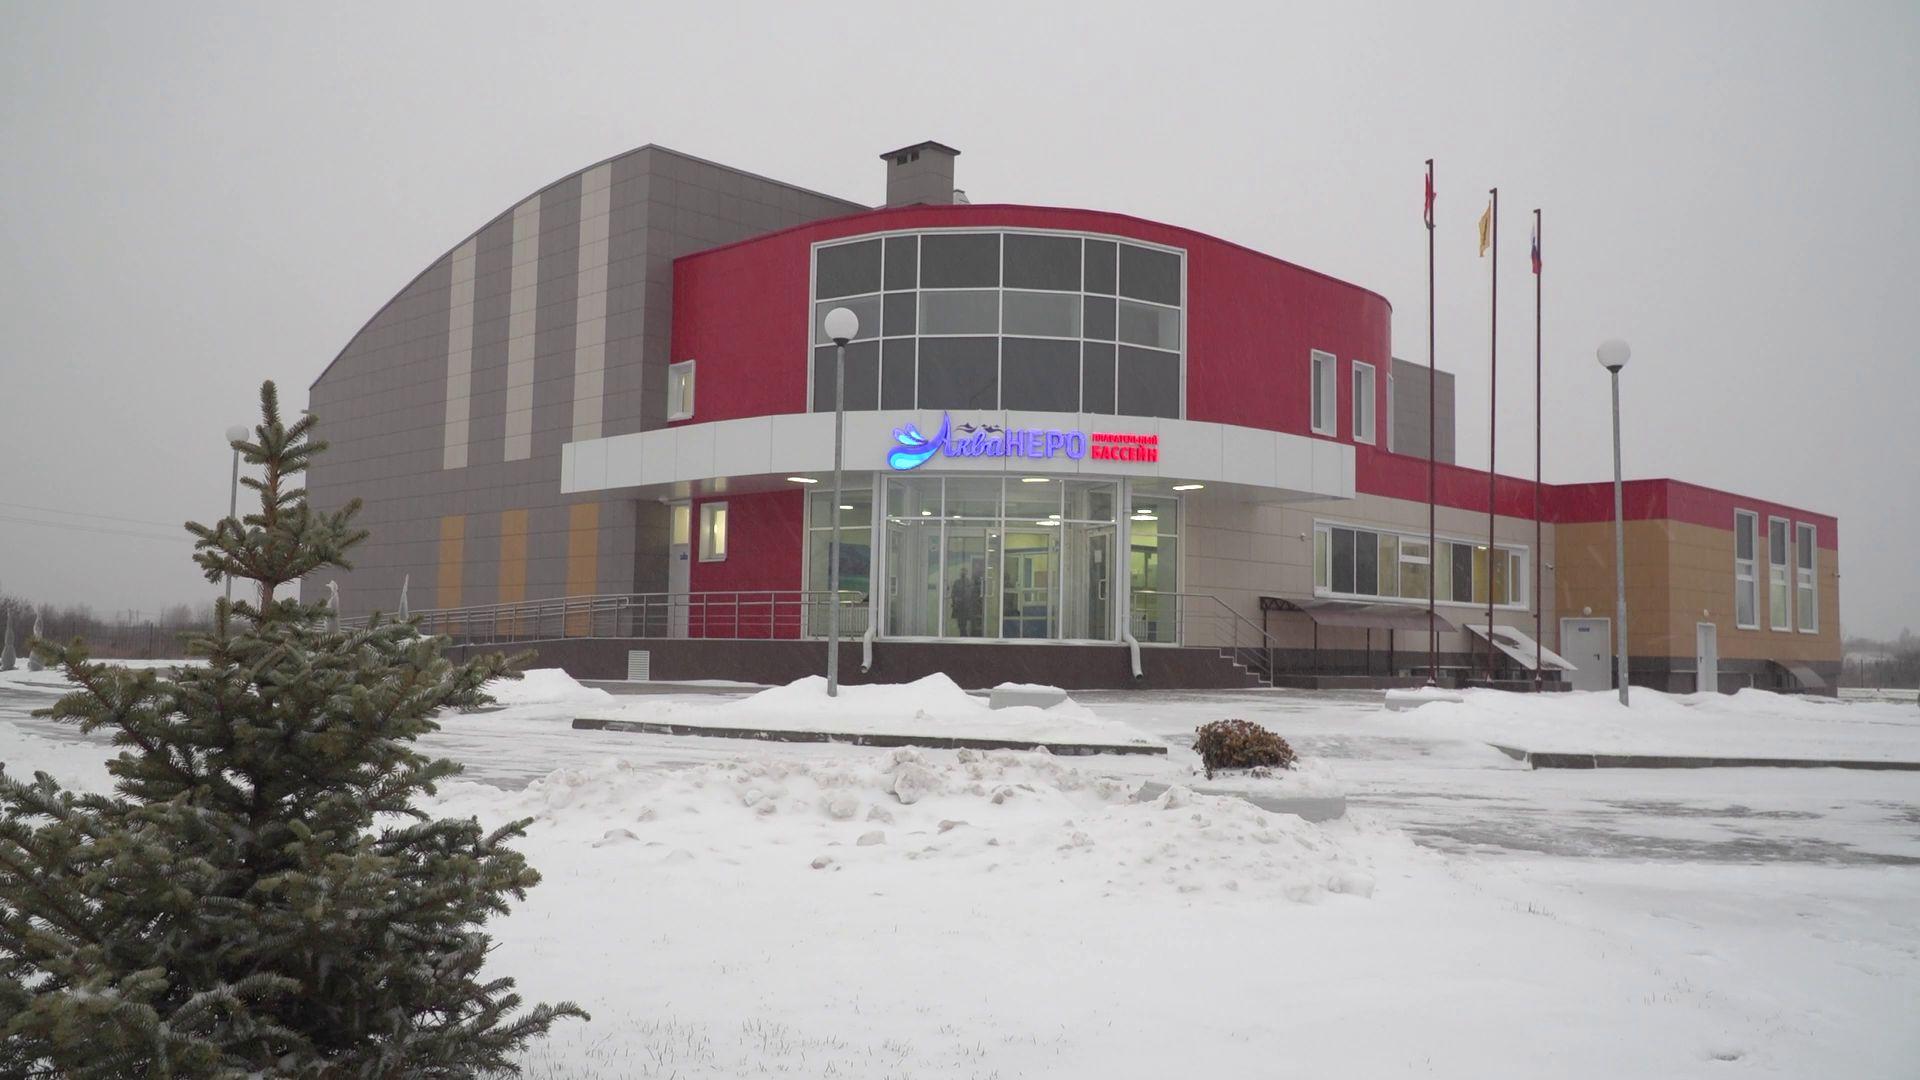 Жители Ростова к Новому году получили долгожданный ФОК